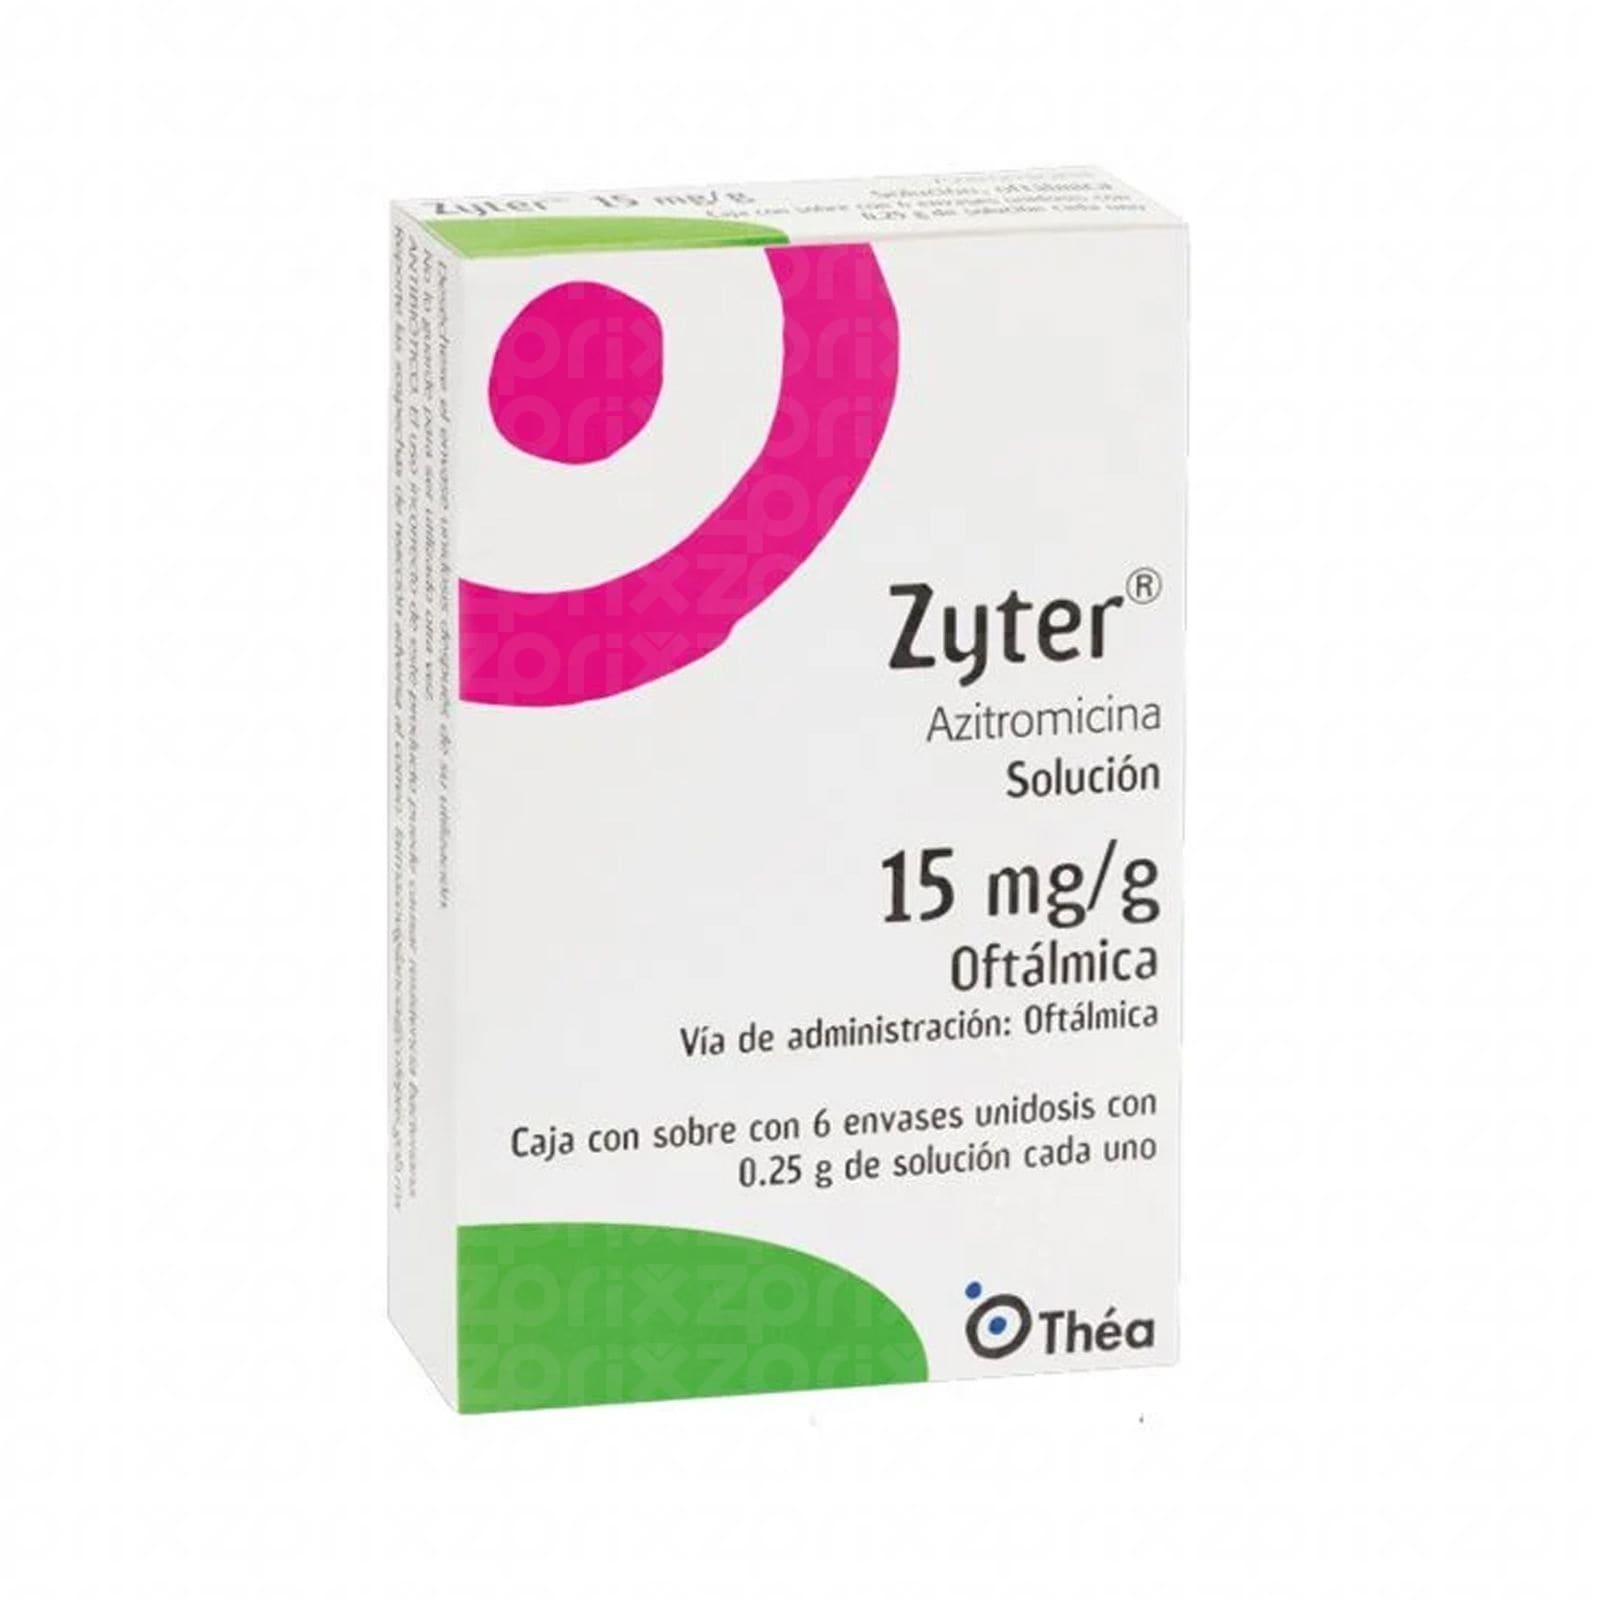 Zyter solucion de 15mg/g oftalmica